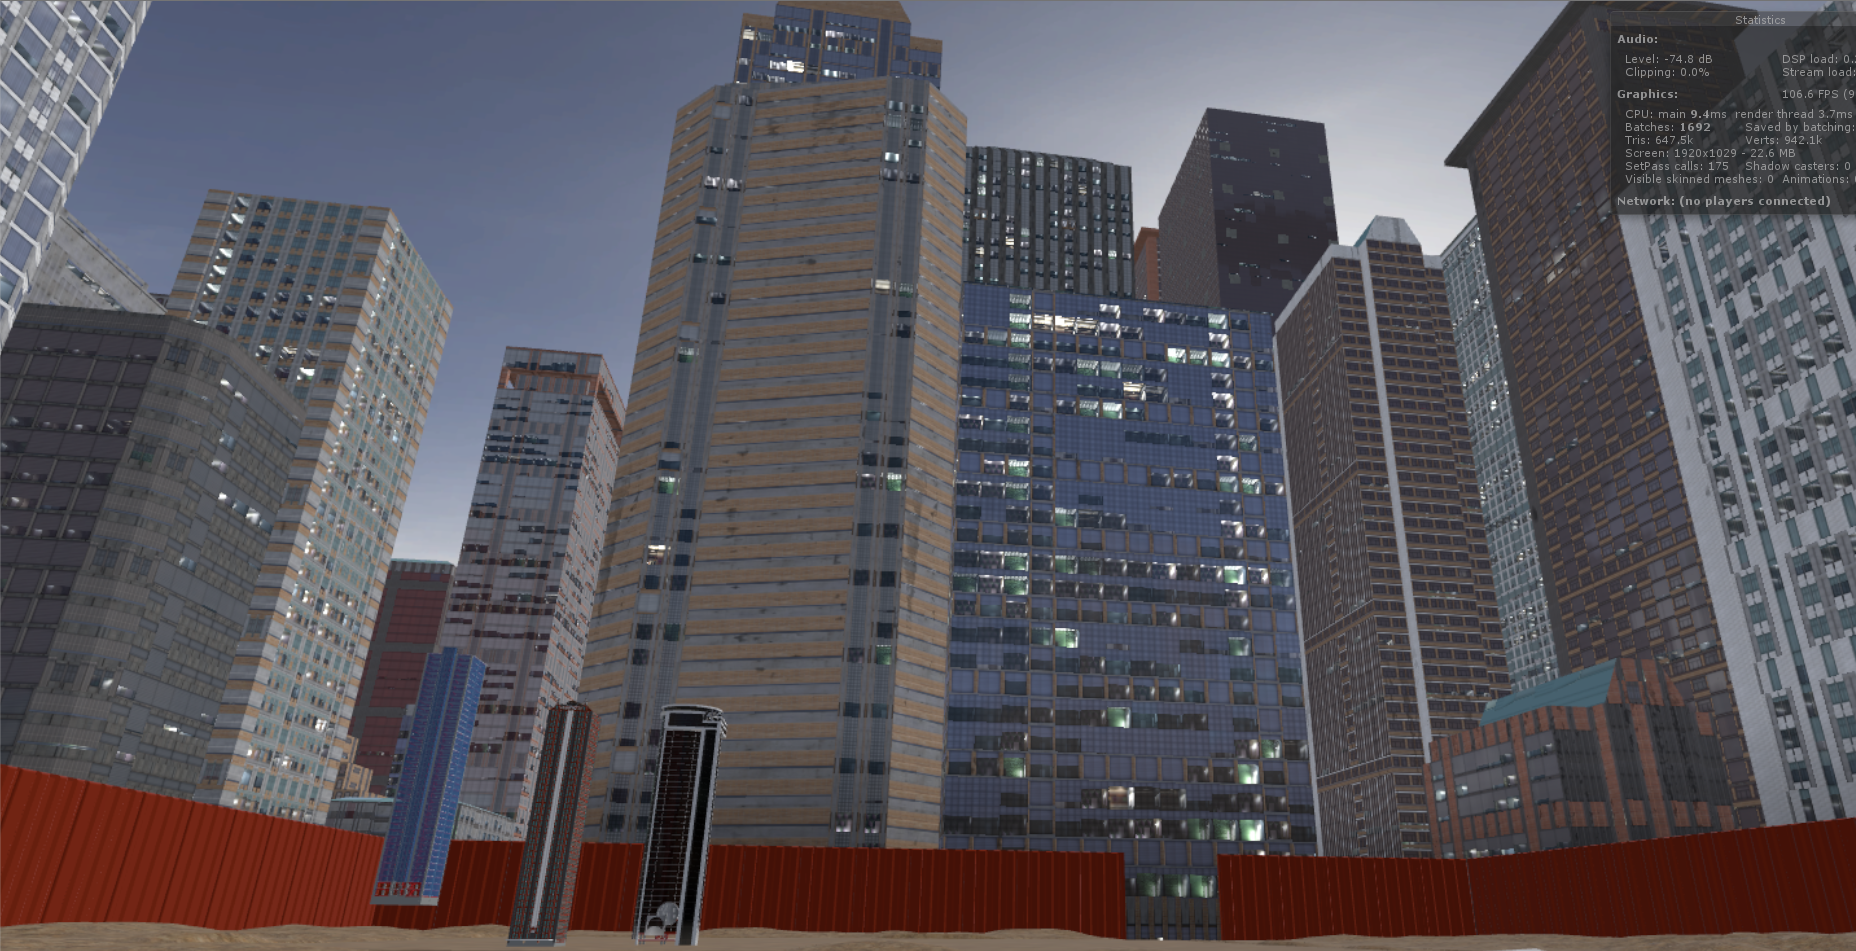 CityScaper